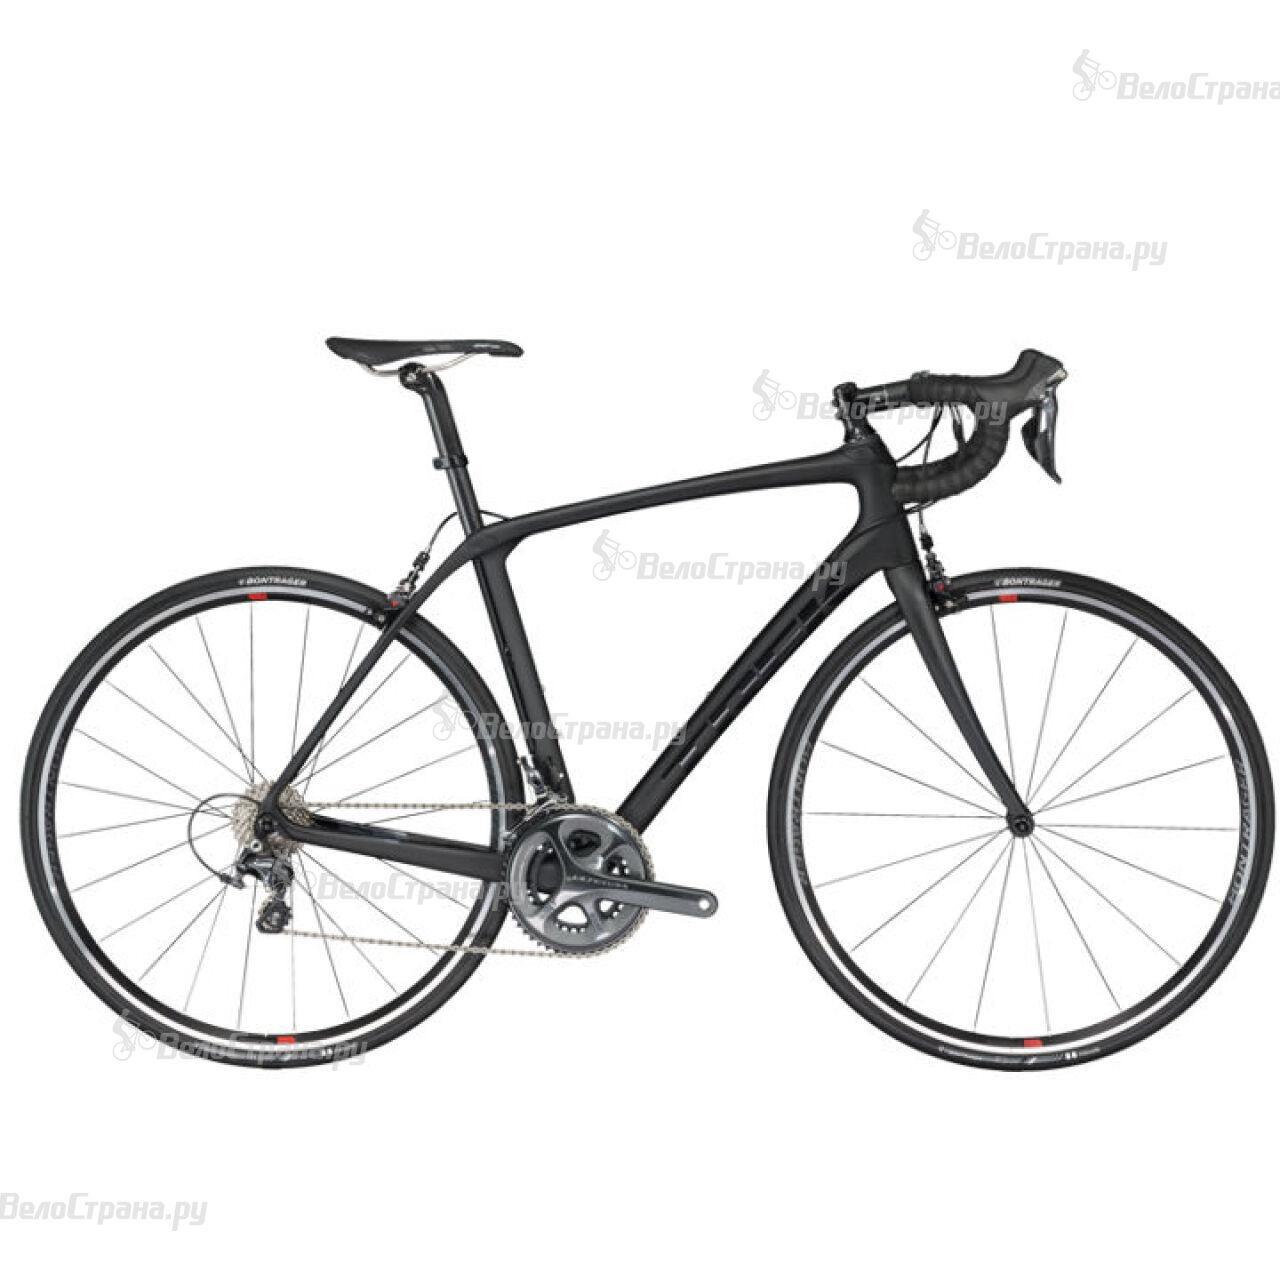 Велосипед Trek Domane SLR 6 (2017) велосипед trek domane 6 2 disc 2016